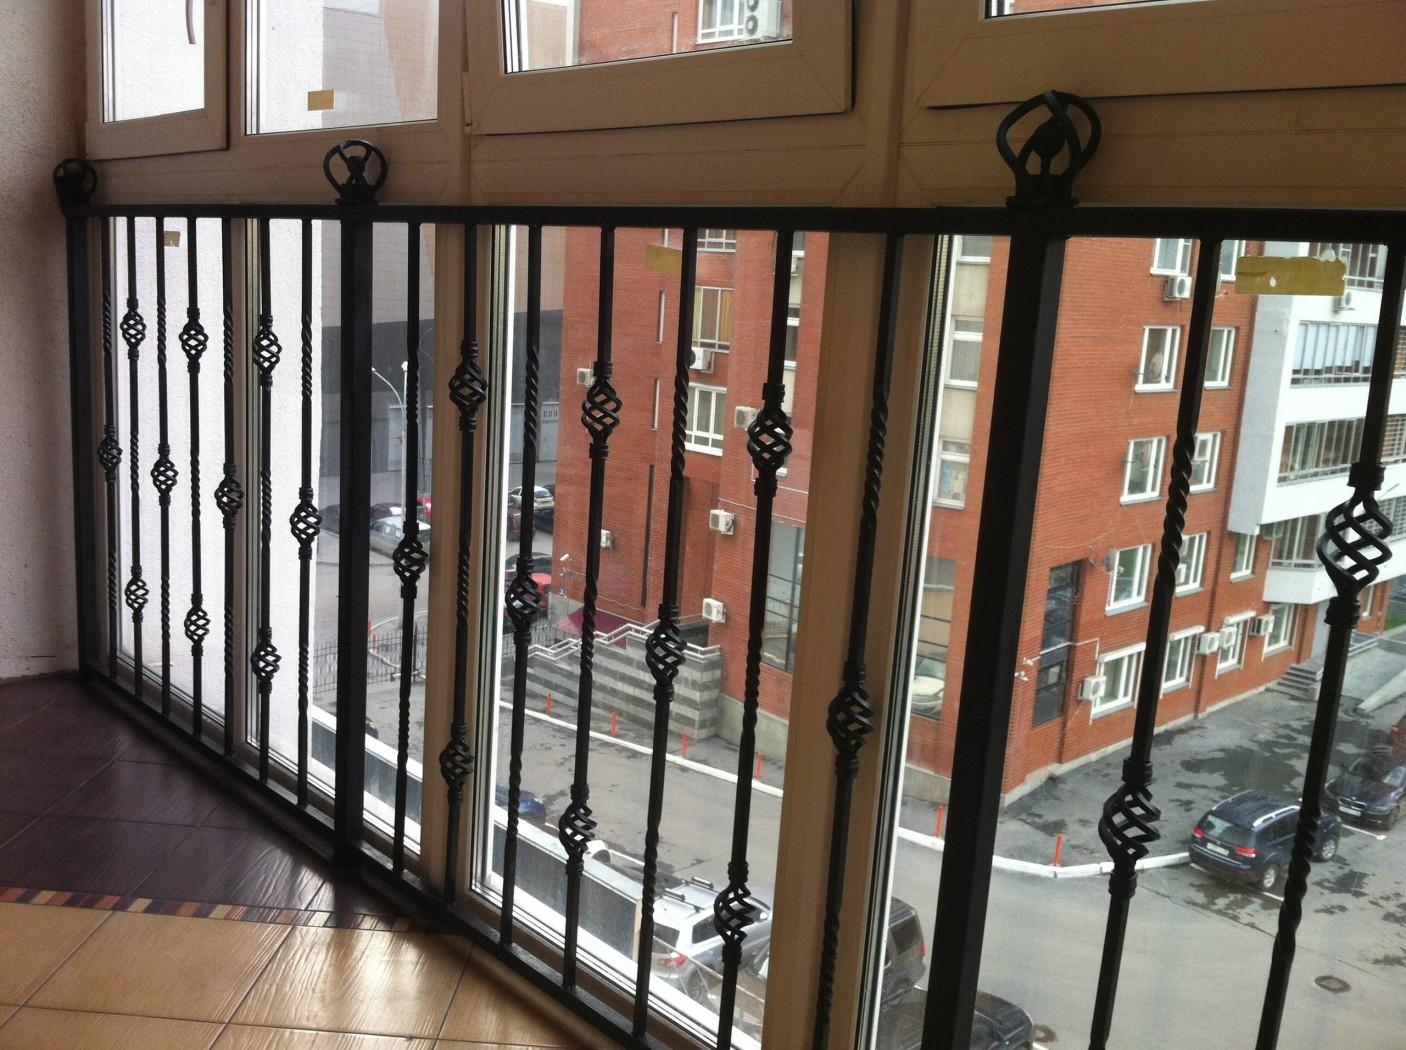 Ограждение для балкона из металла . цена - договорная., свер.